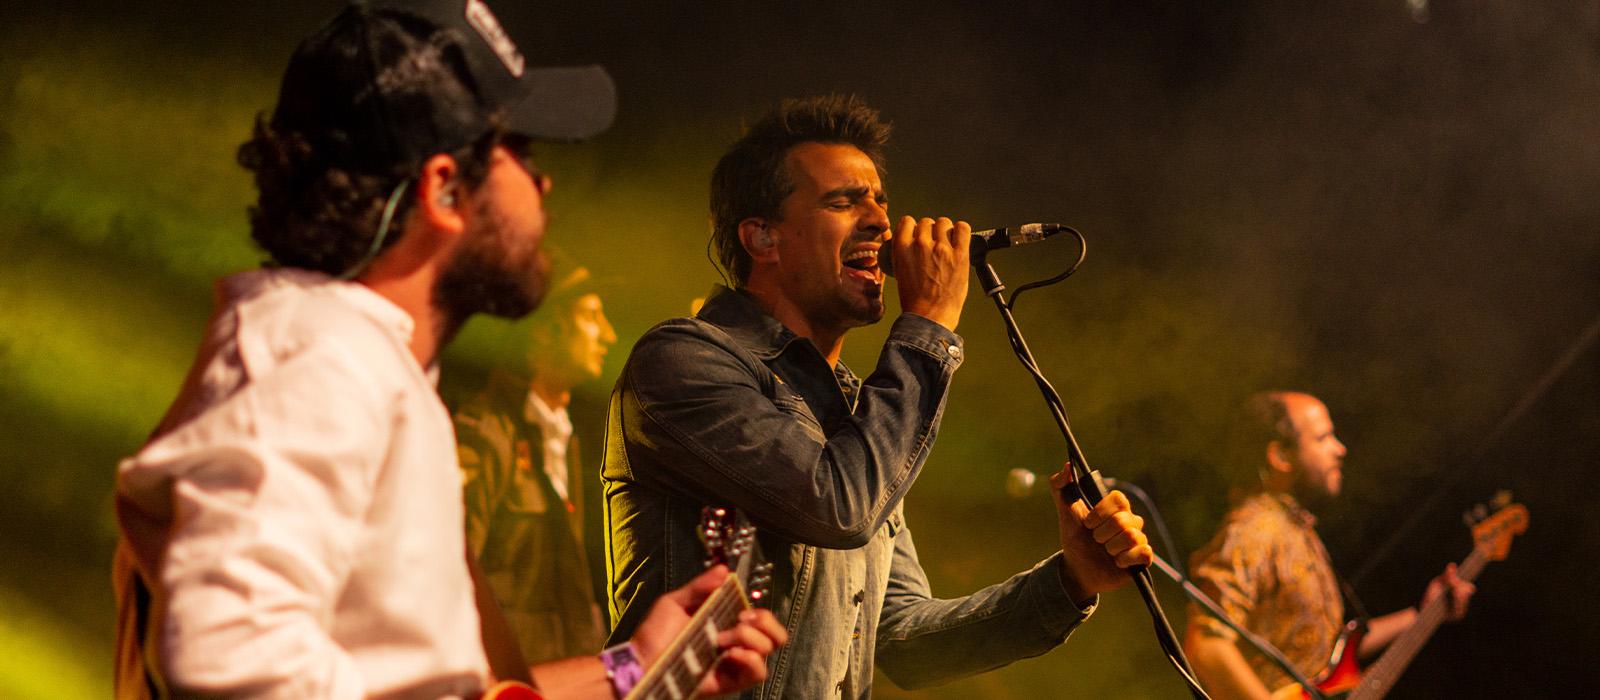 La banda indie-rock Comandante Twin tocará en el Bime Pro 2021